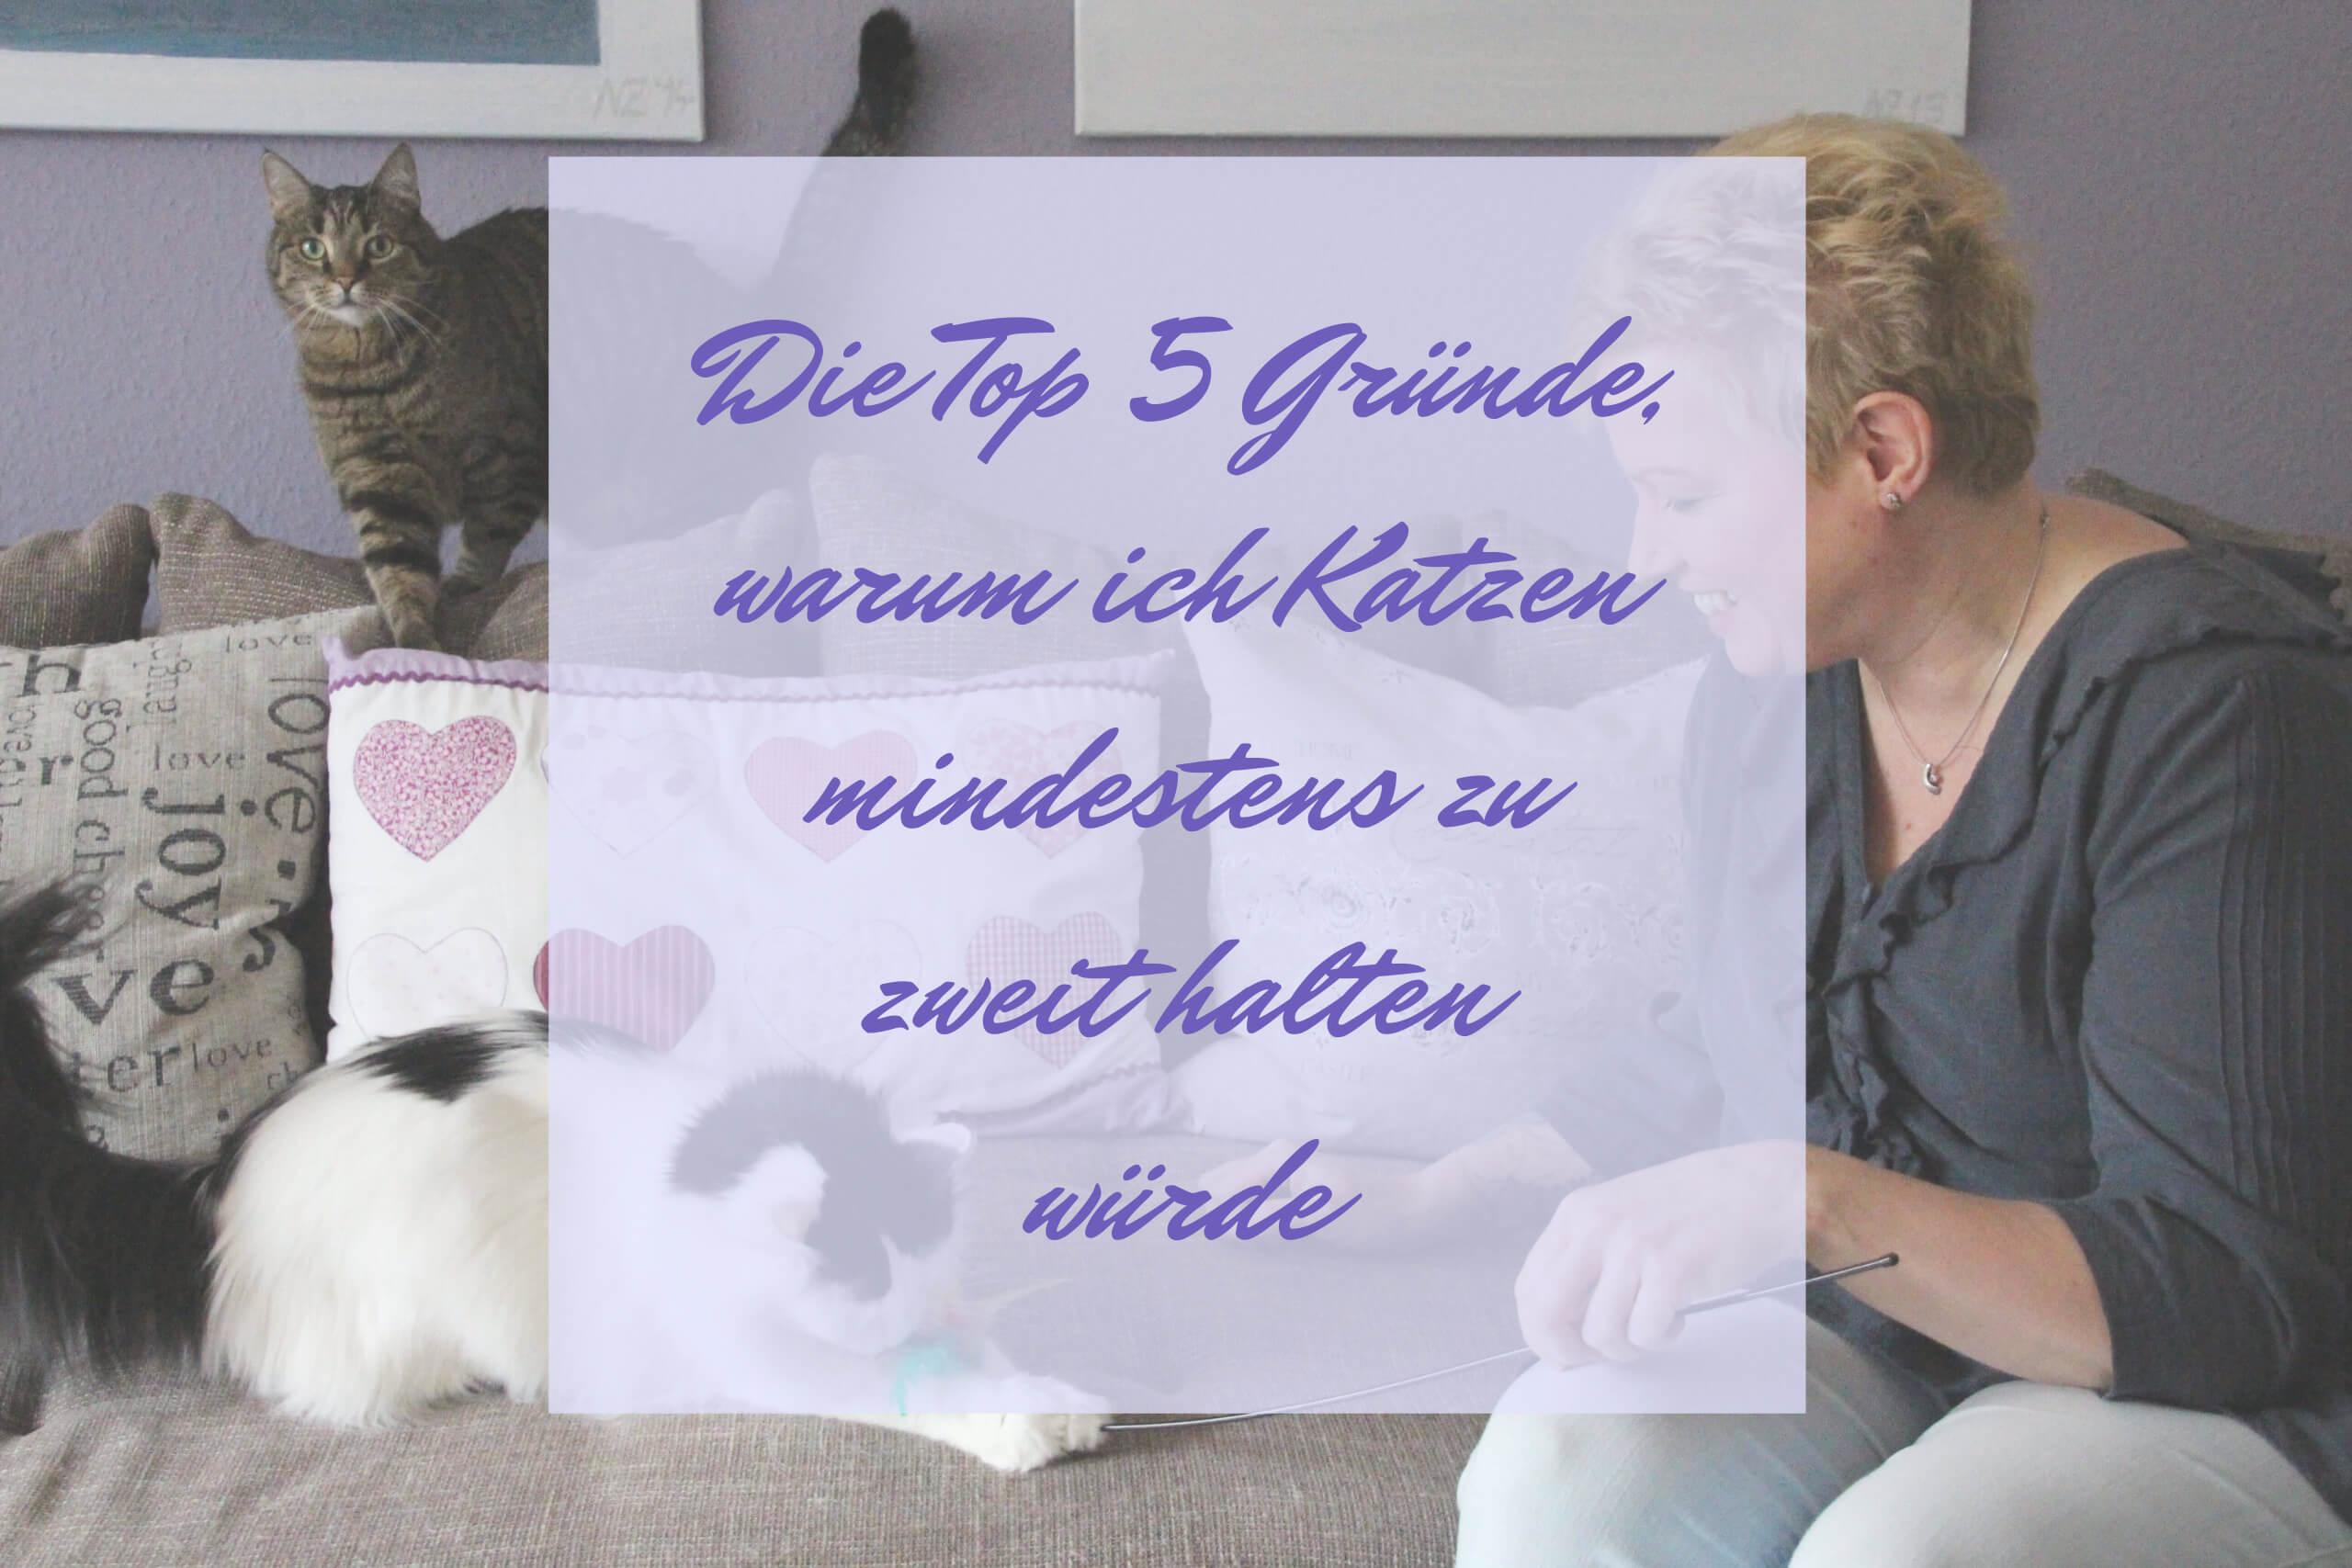 Katzen mindestens zu zweit halten